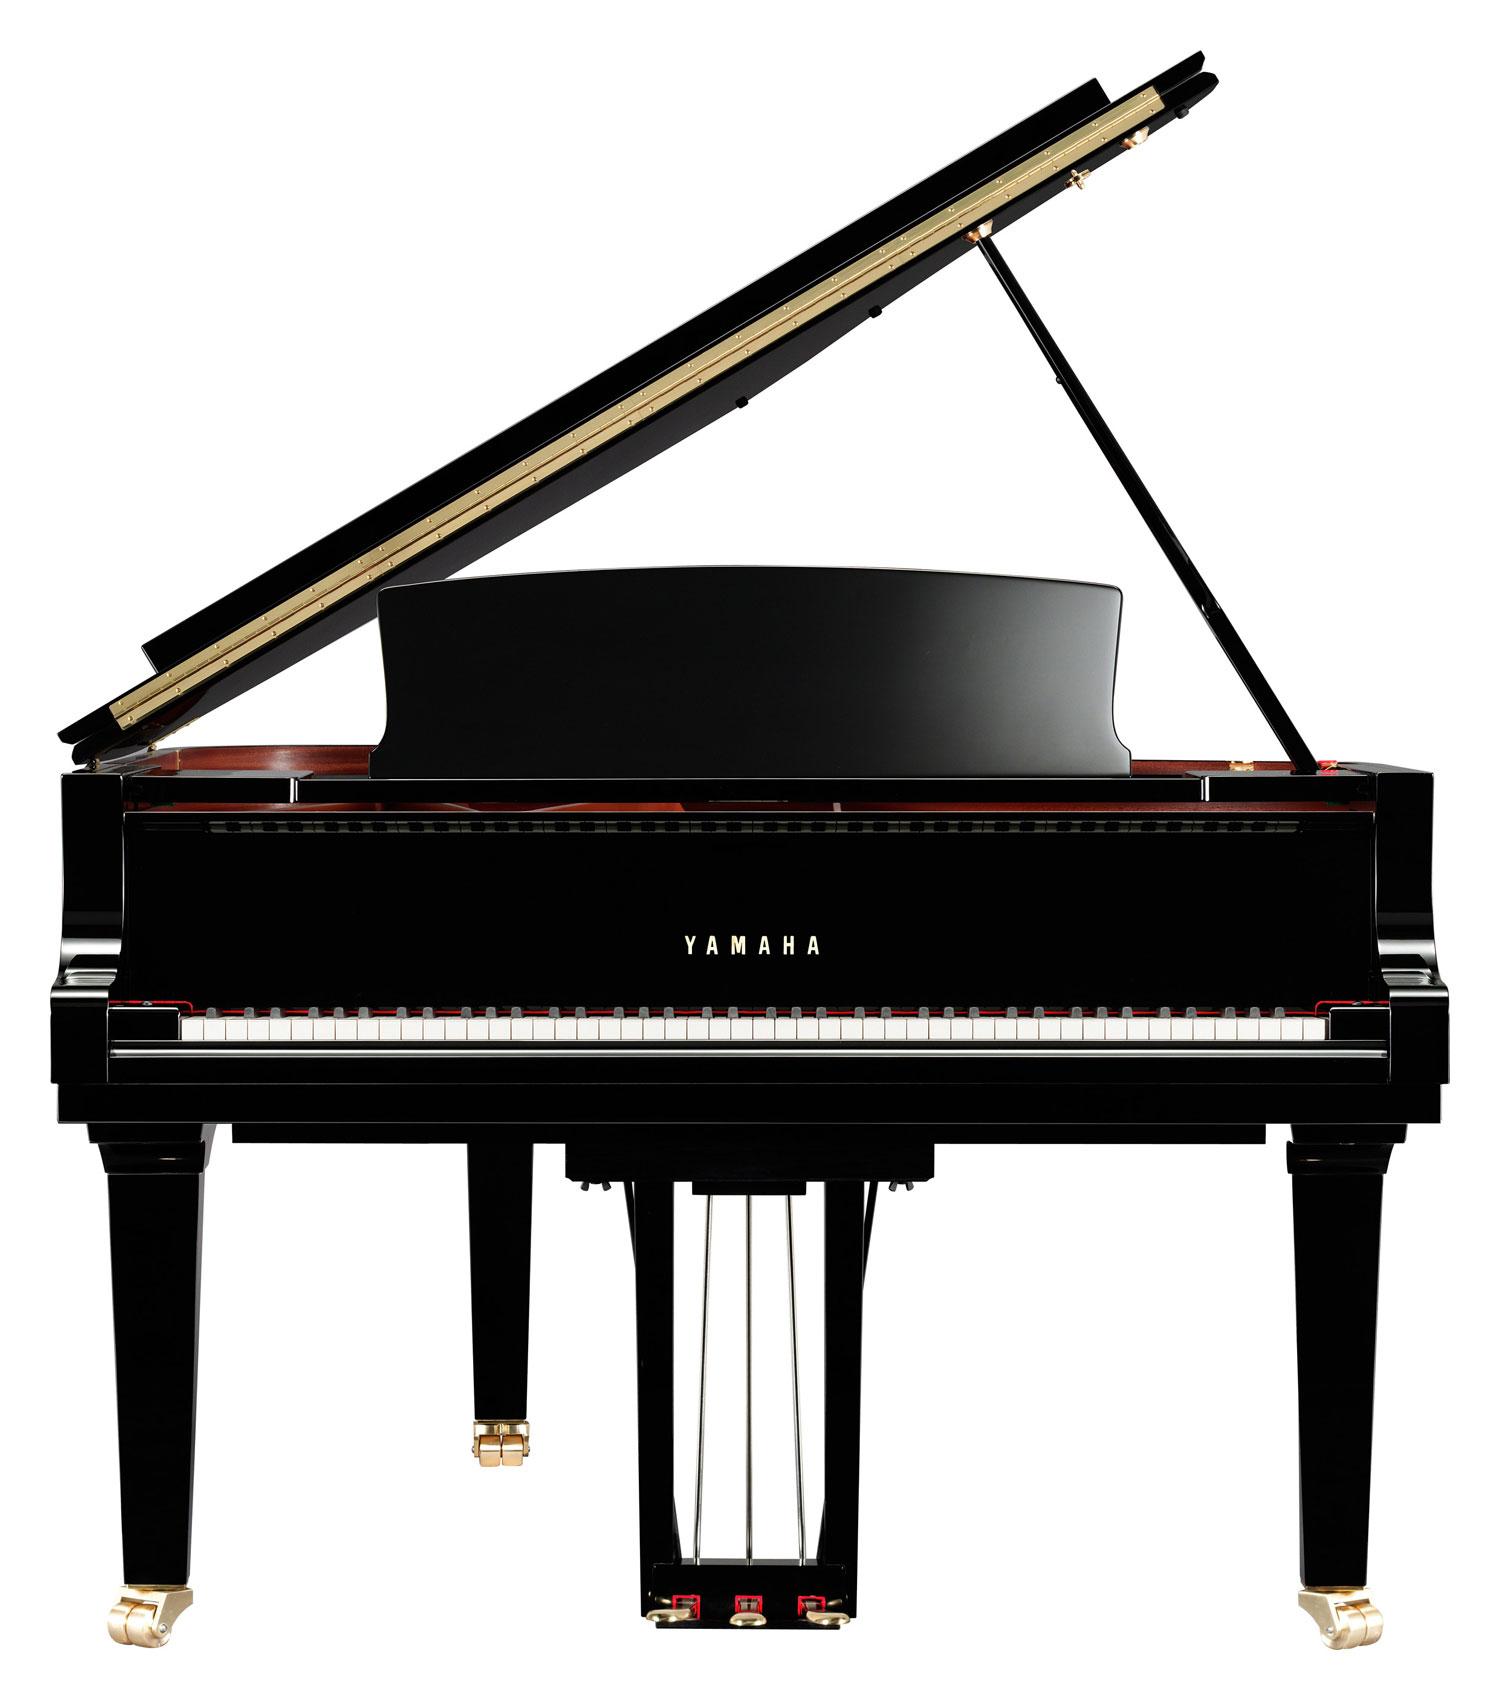 濮阳进口雅马哈钢琴价格_进口弹拨类乐器-洛阳誉声乐器有限责任公司